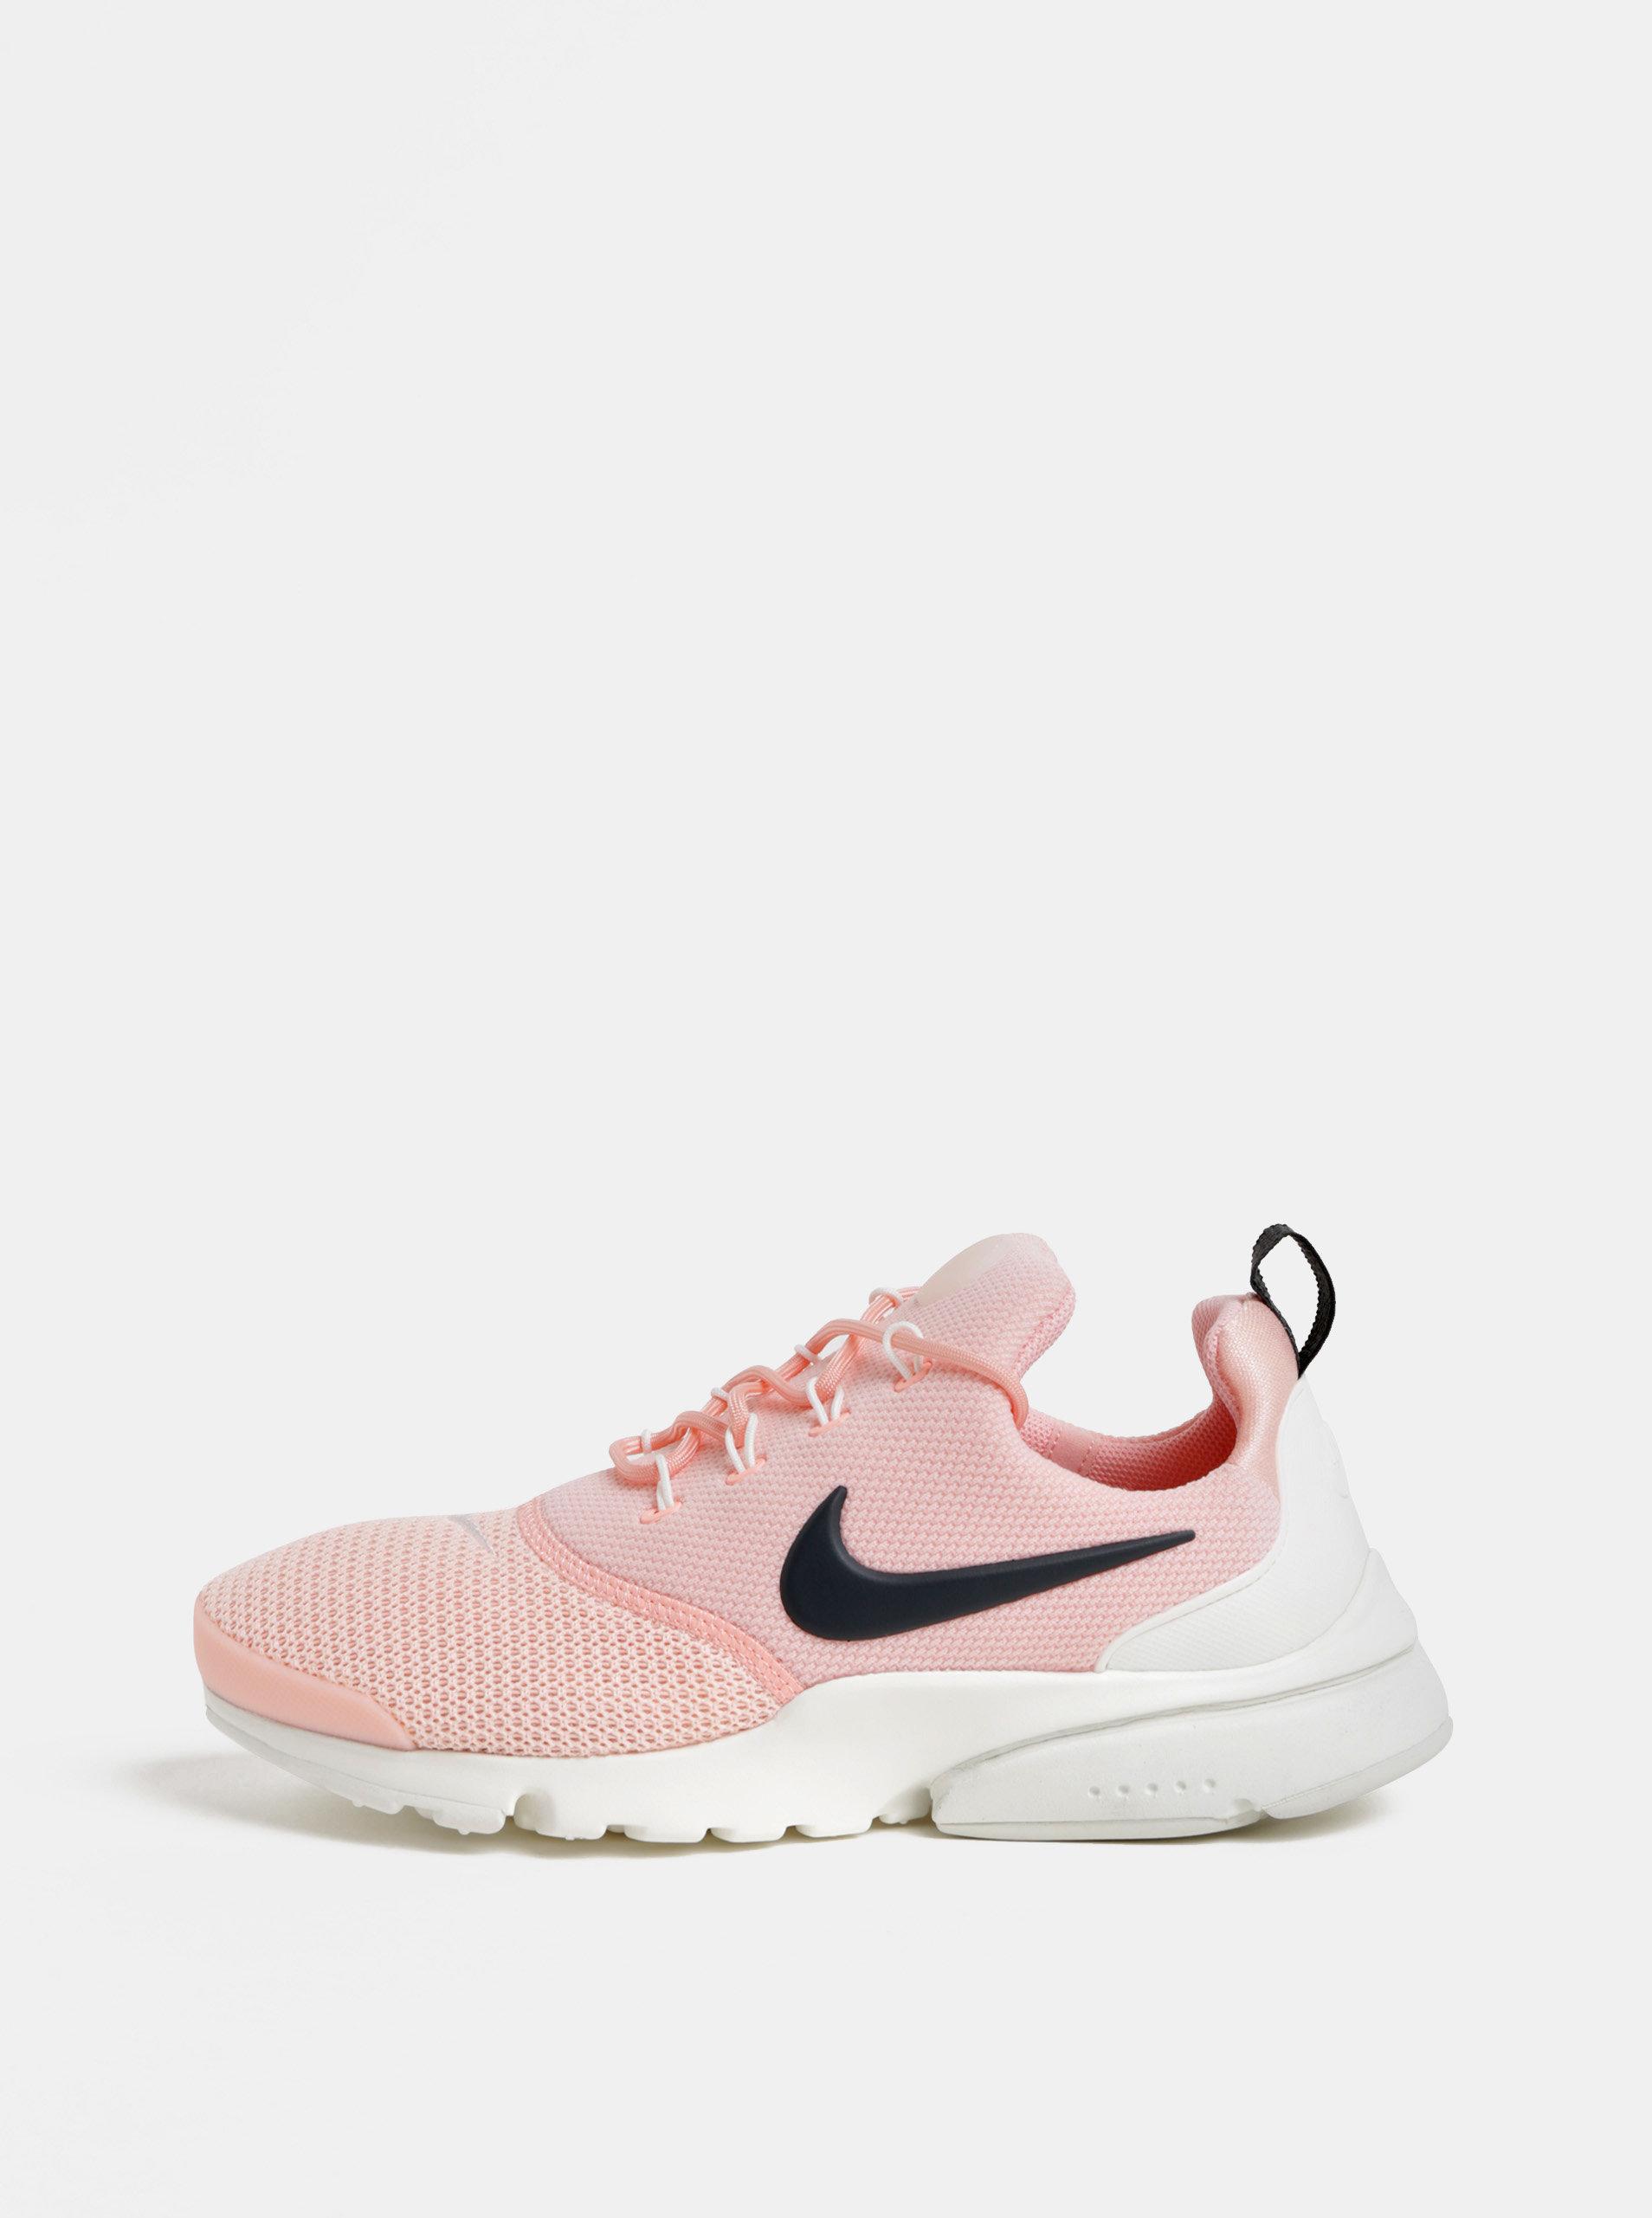 Růžové dámské tenisky Nike presto Fly